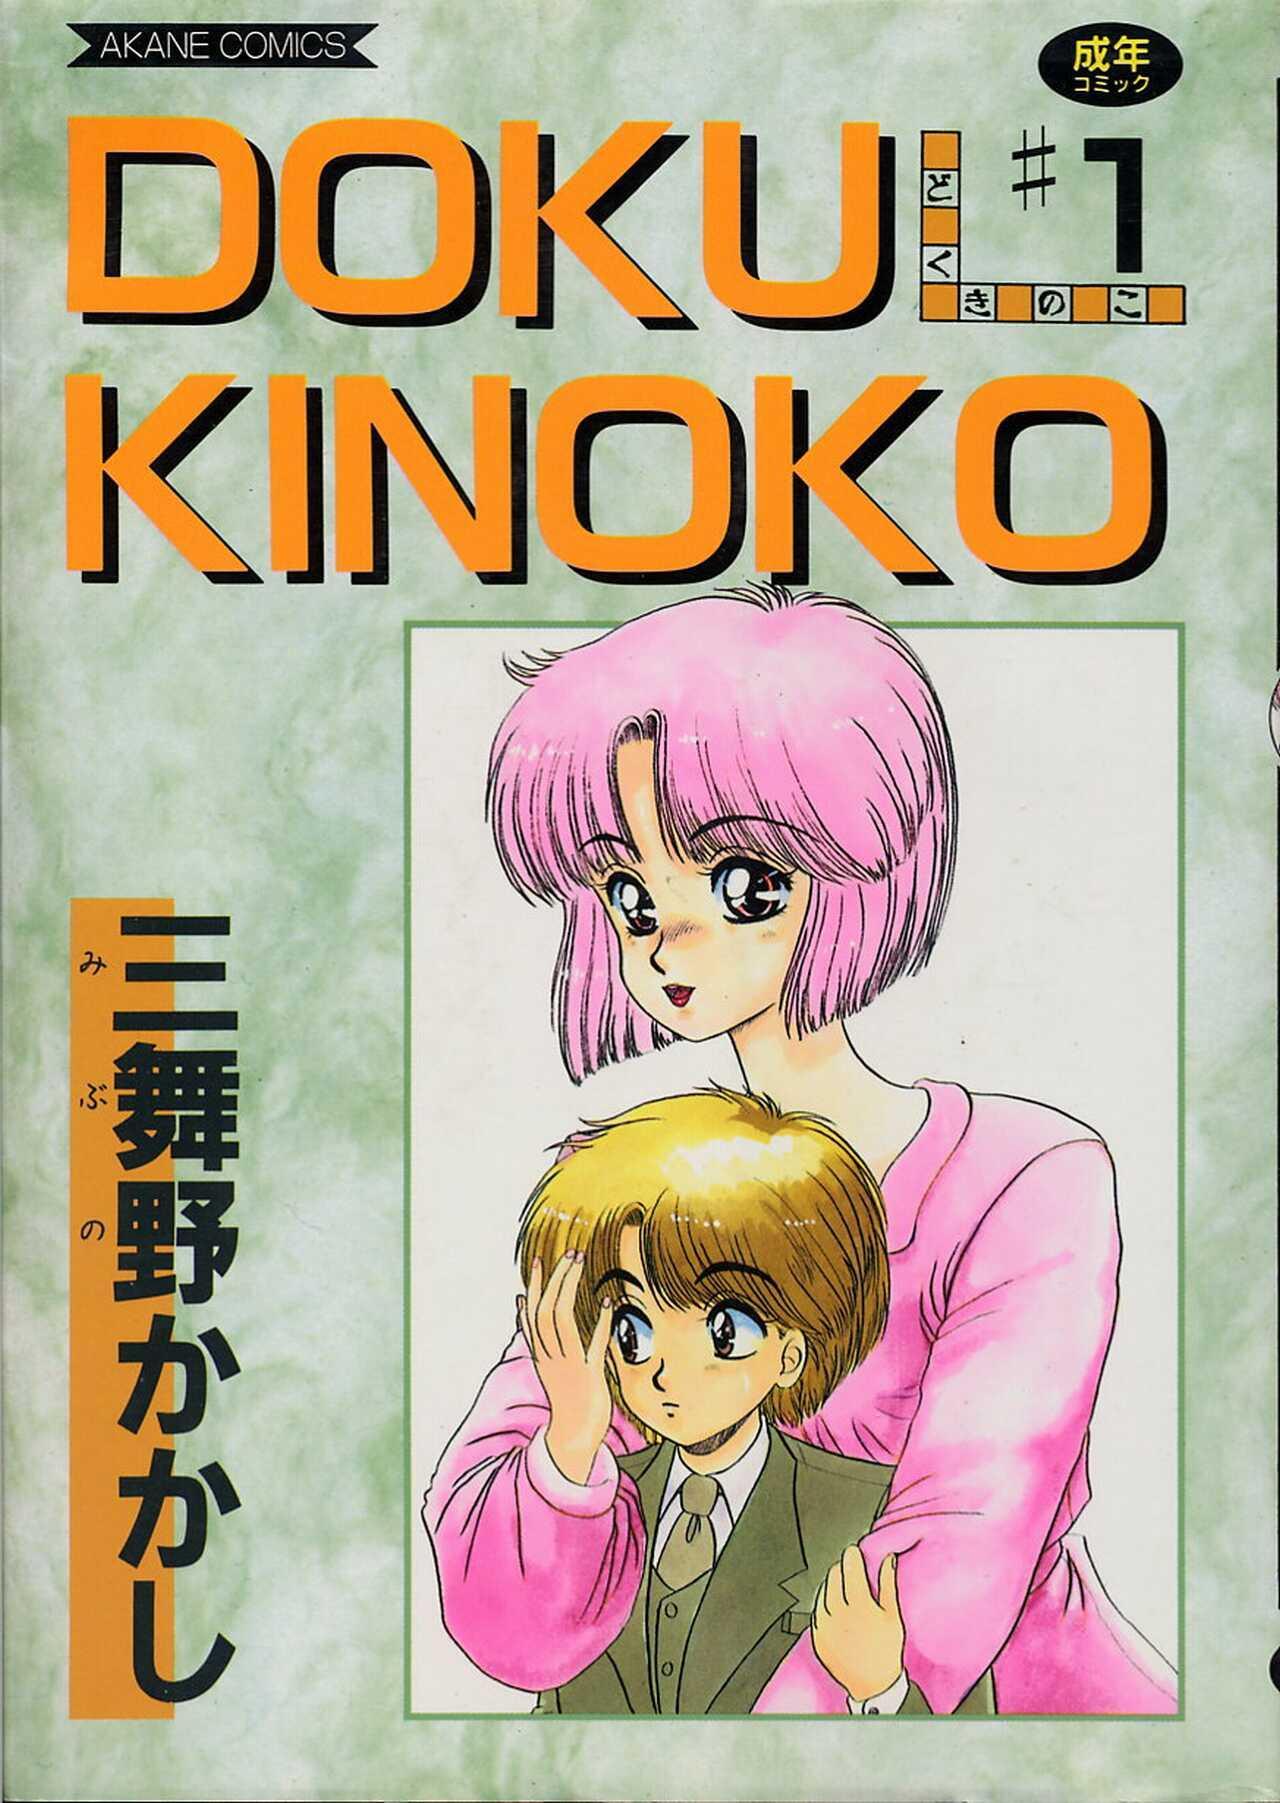 DOKU KINOKO 1 0